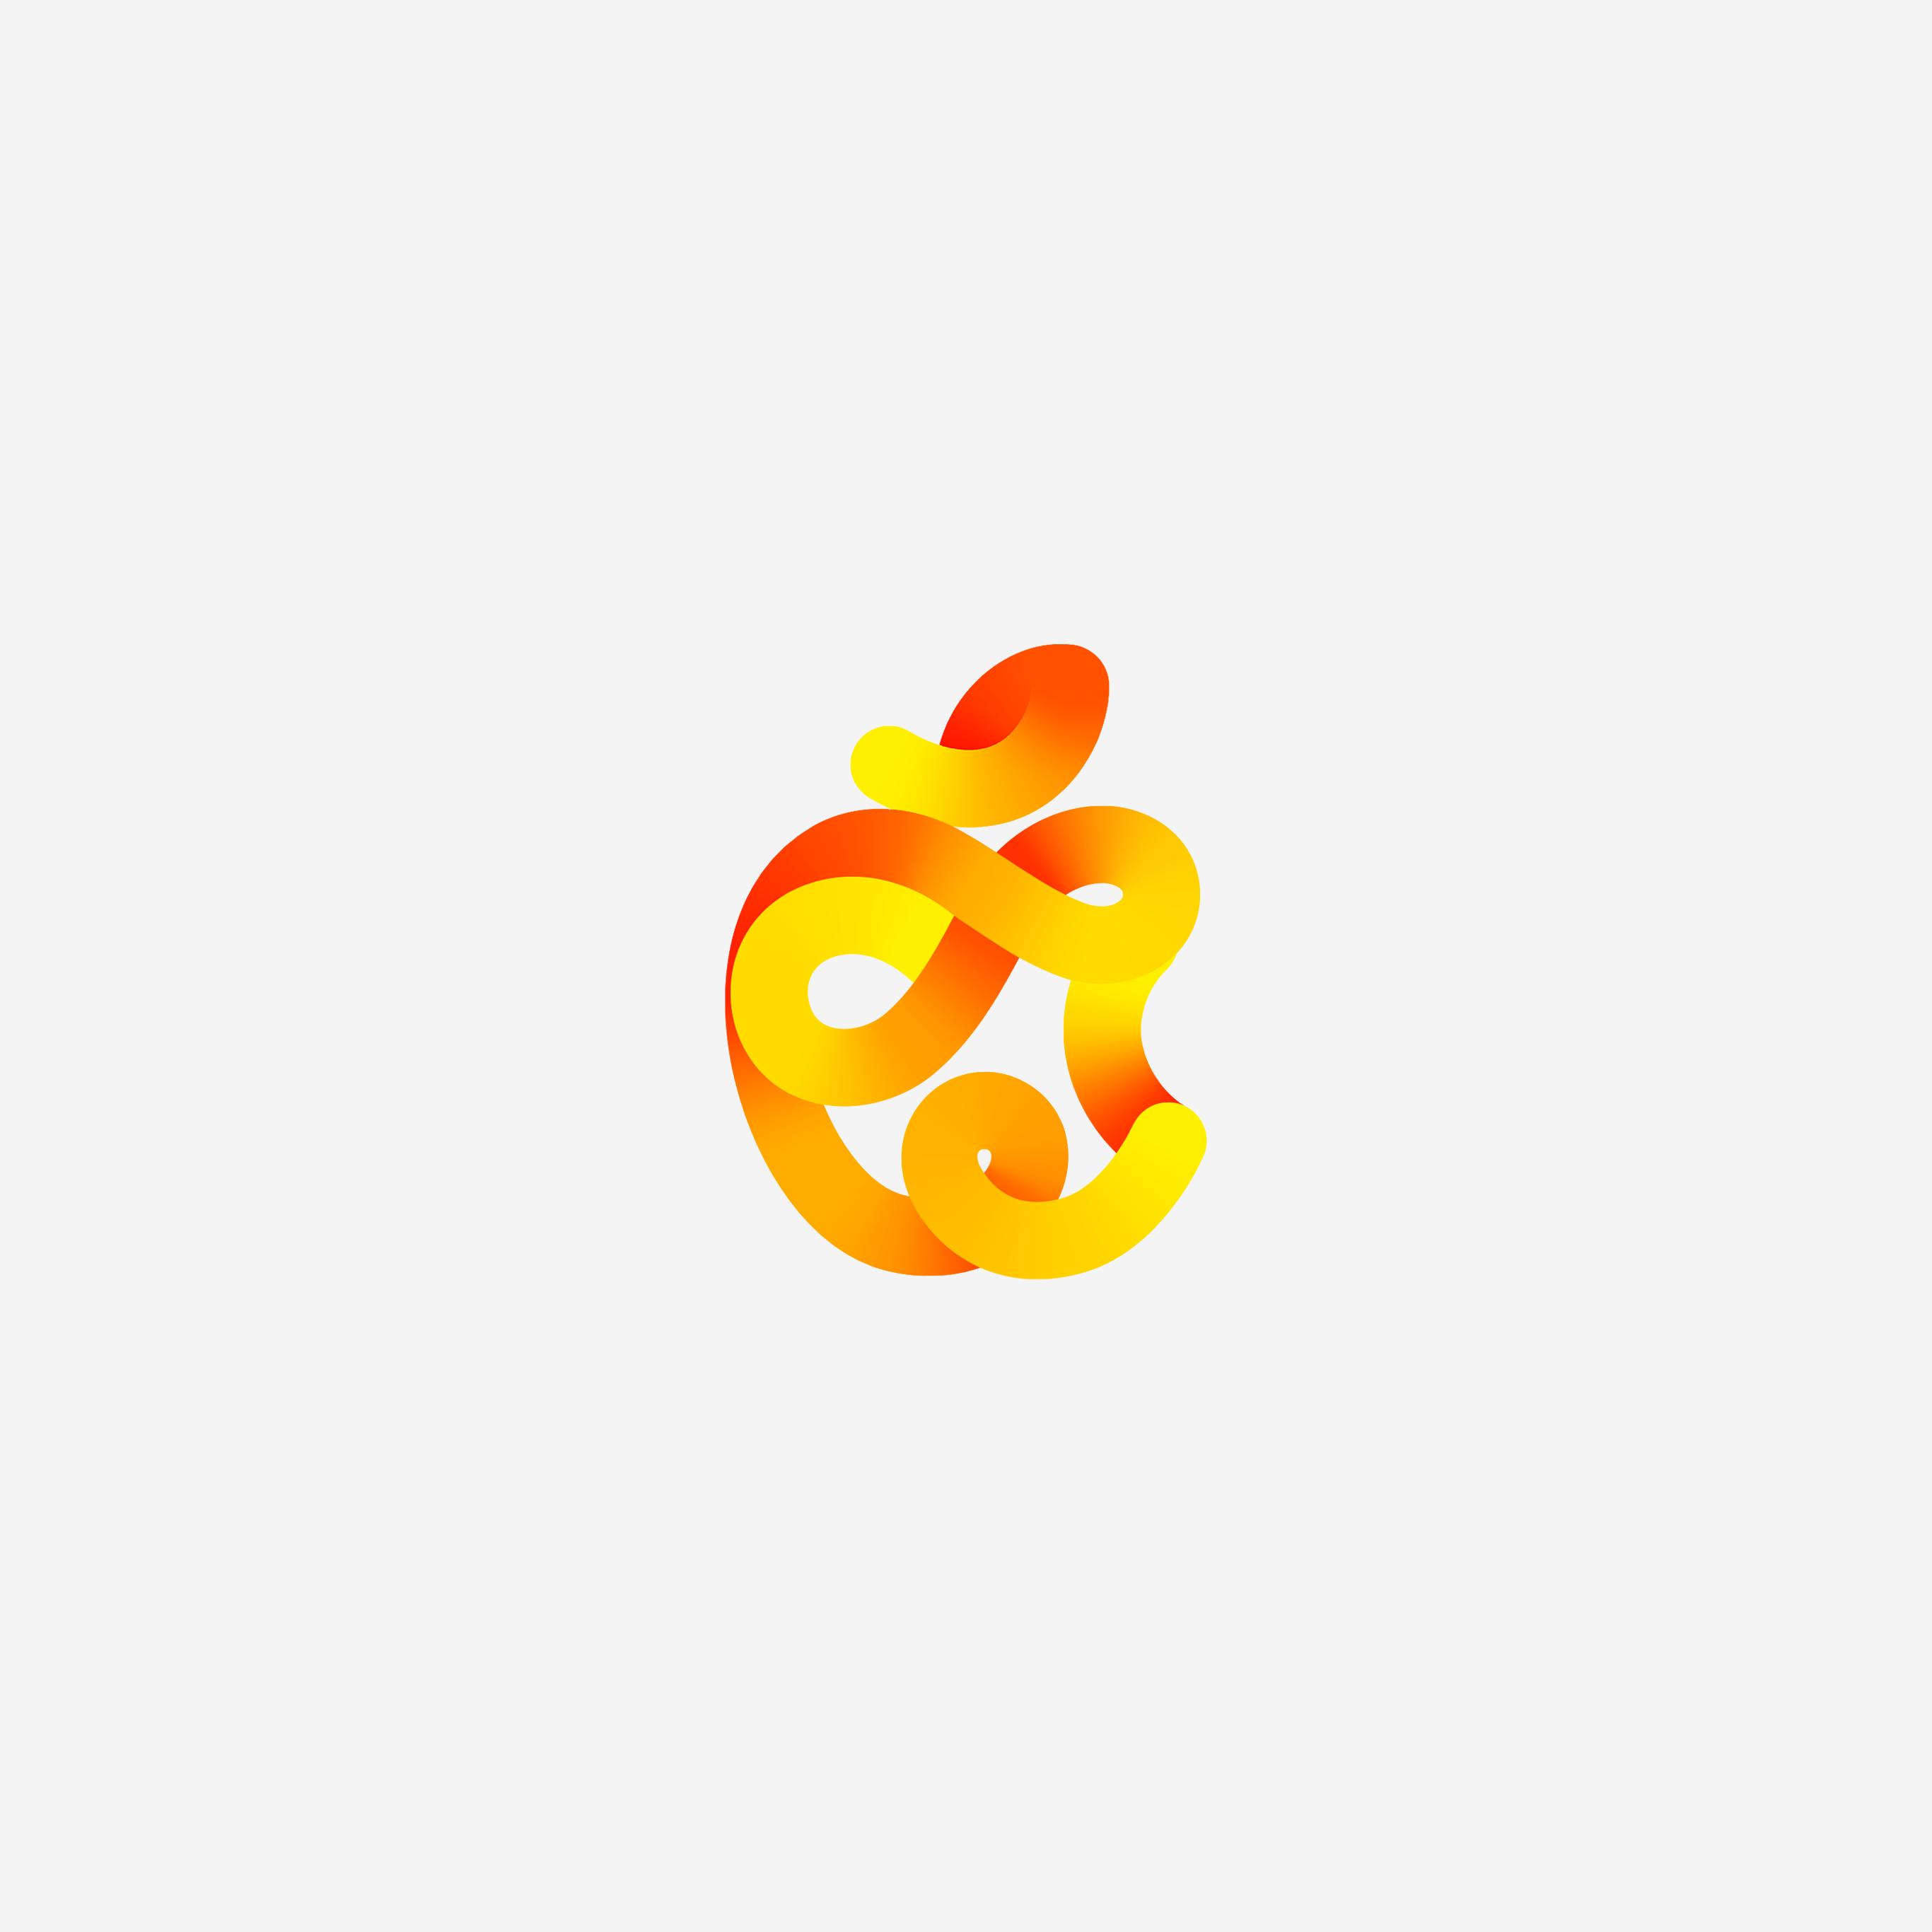 Apple September 15 event time flies iphone wallpaper aaplpro idownloadblog fire logo light iPad